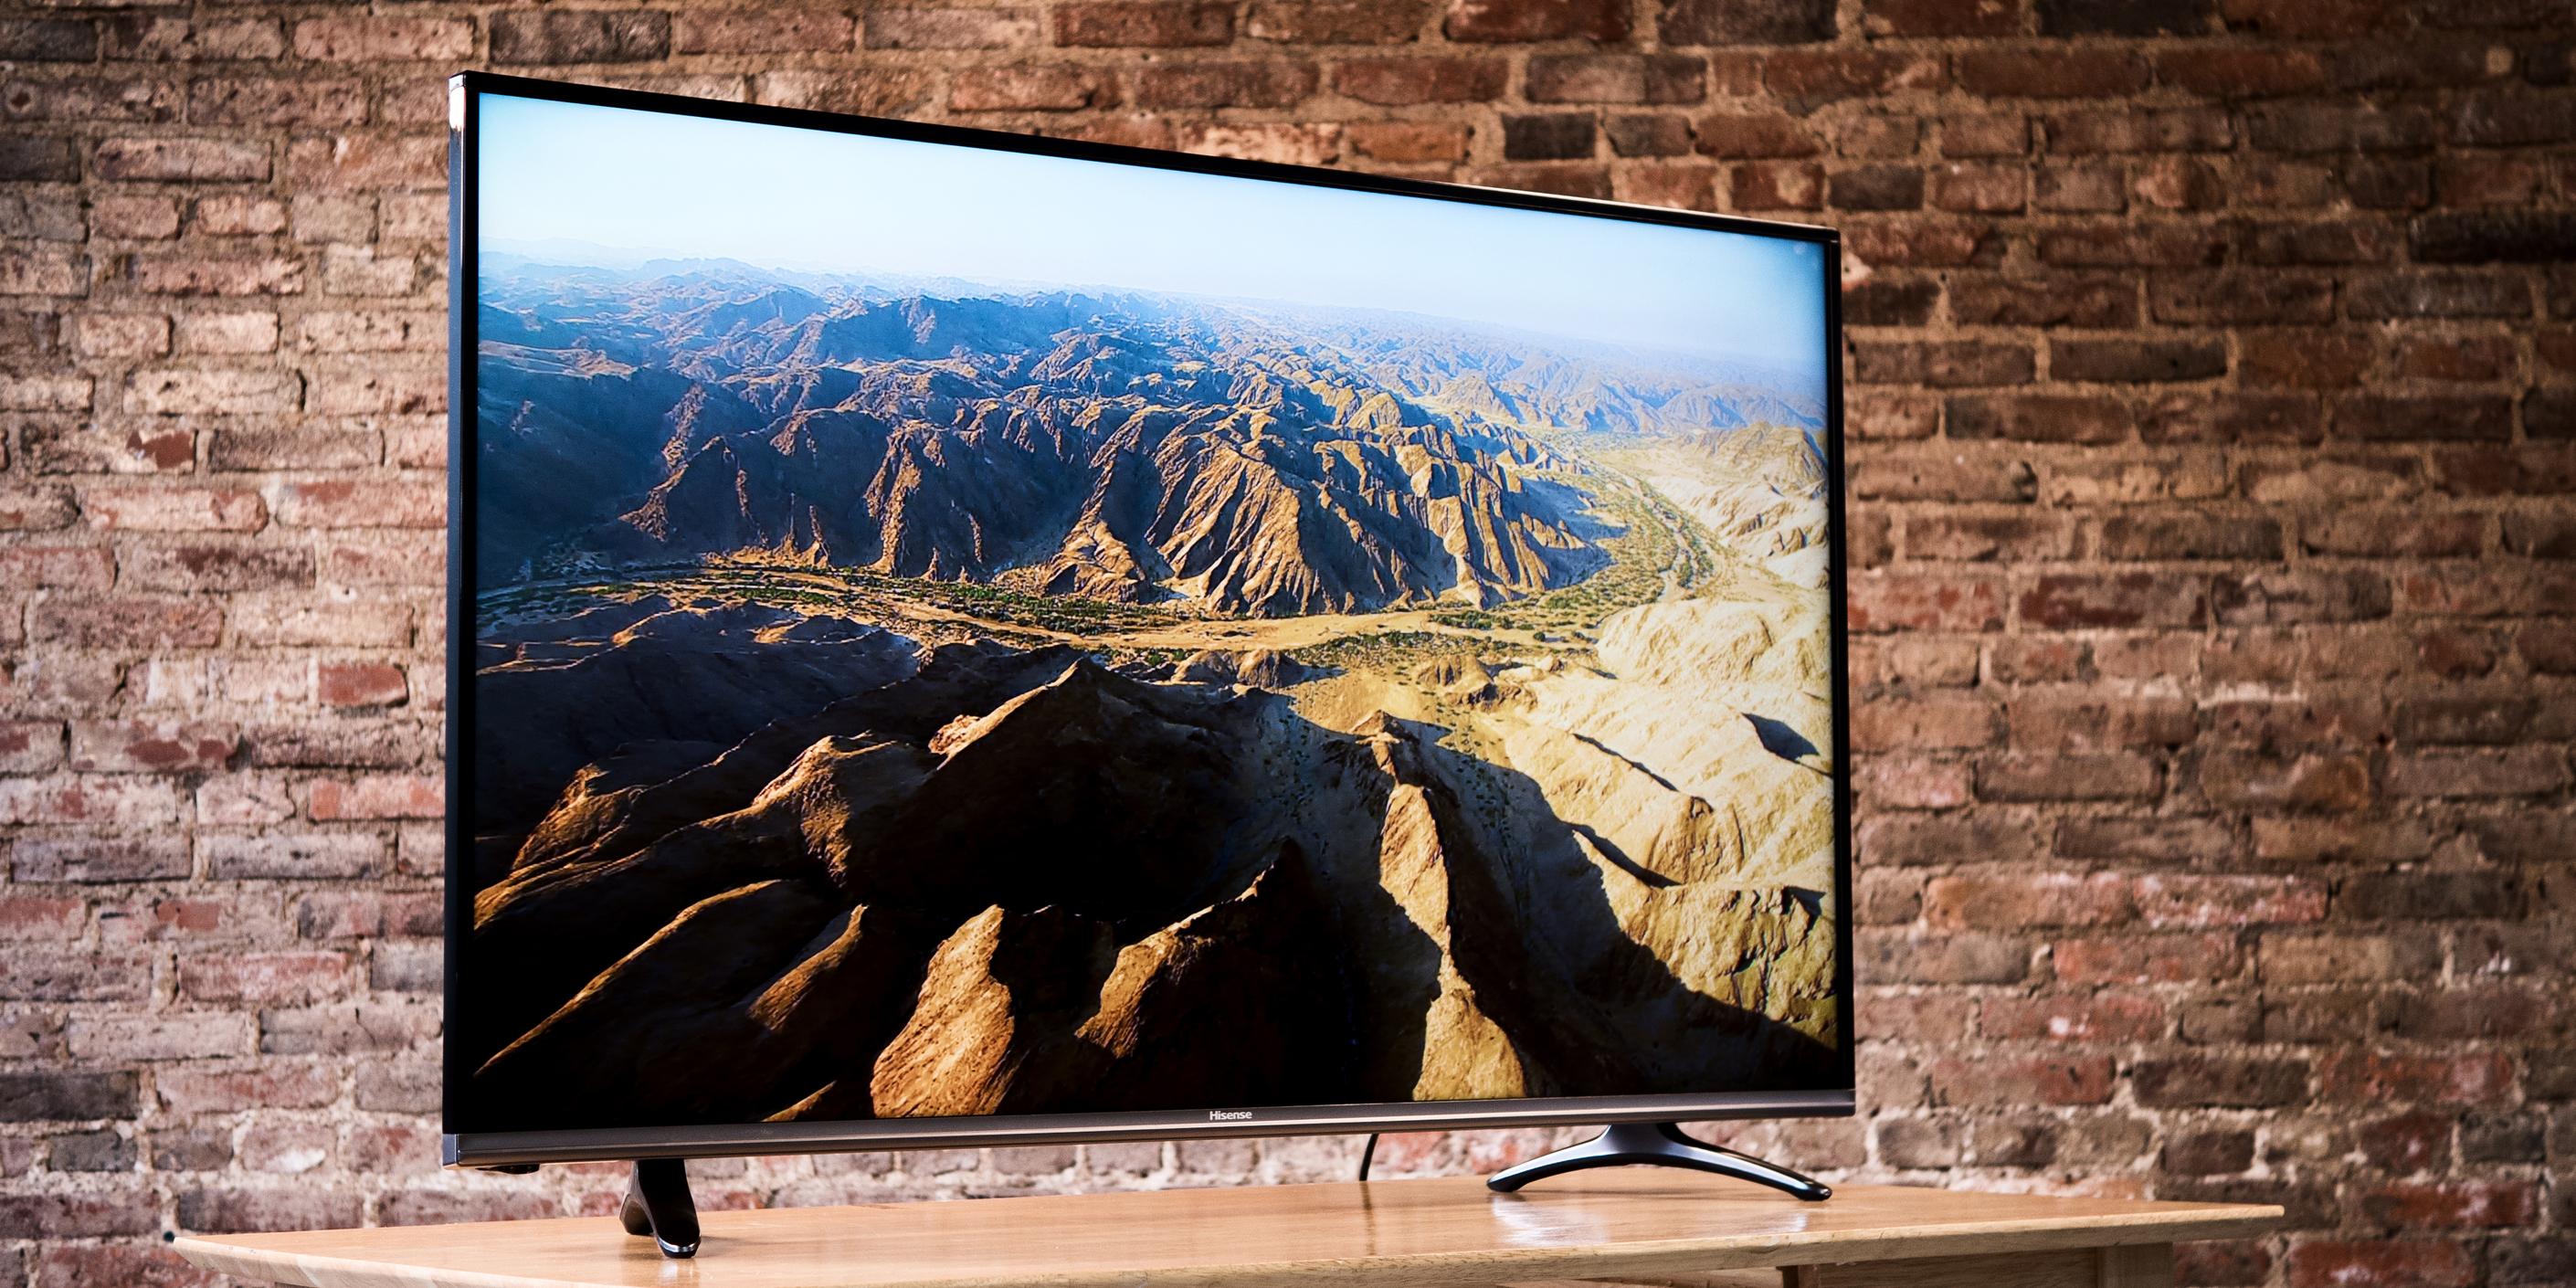 Kết quả hình ảnh cho Hisense 50H8C 50-Inch 4K TV Review: 4K on a Budget